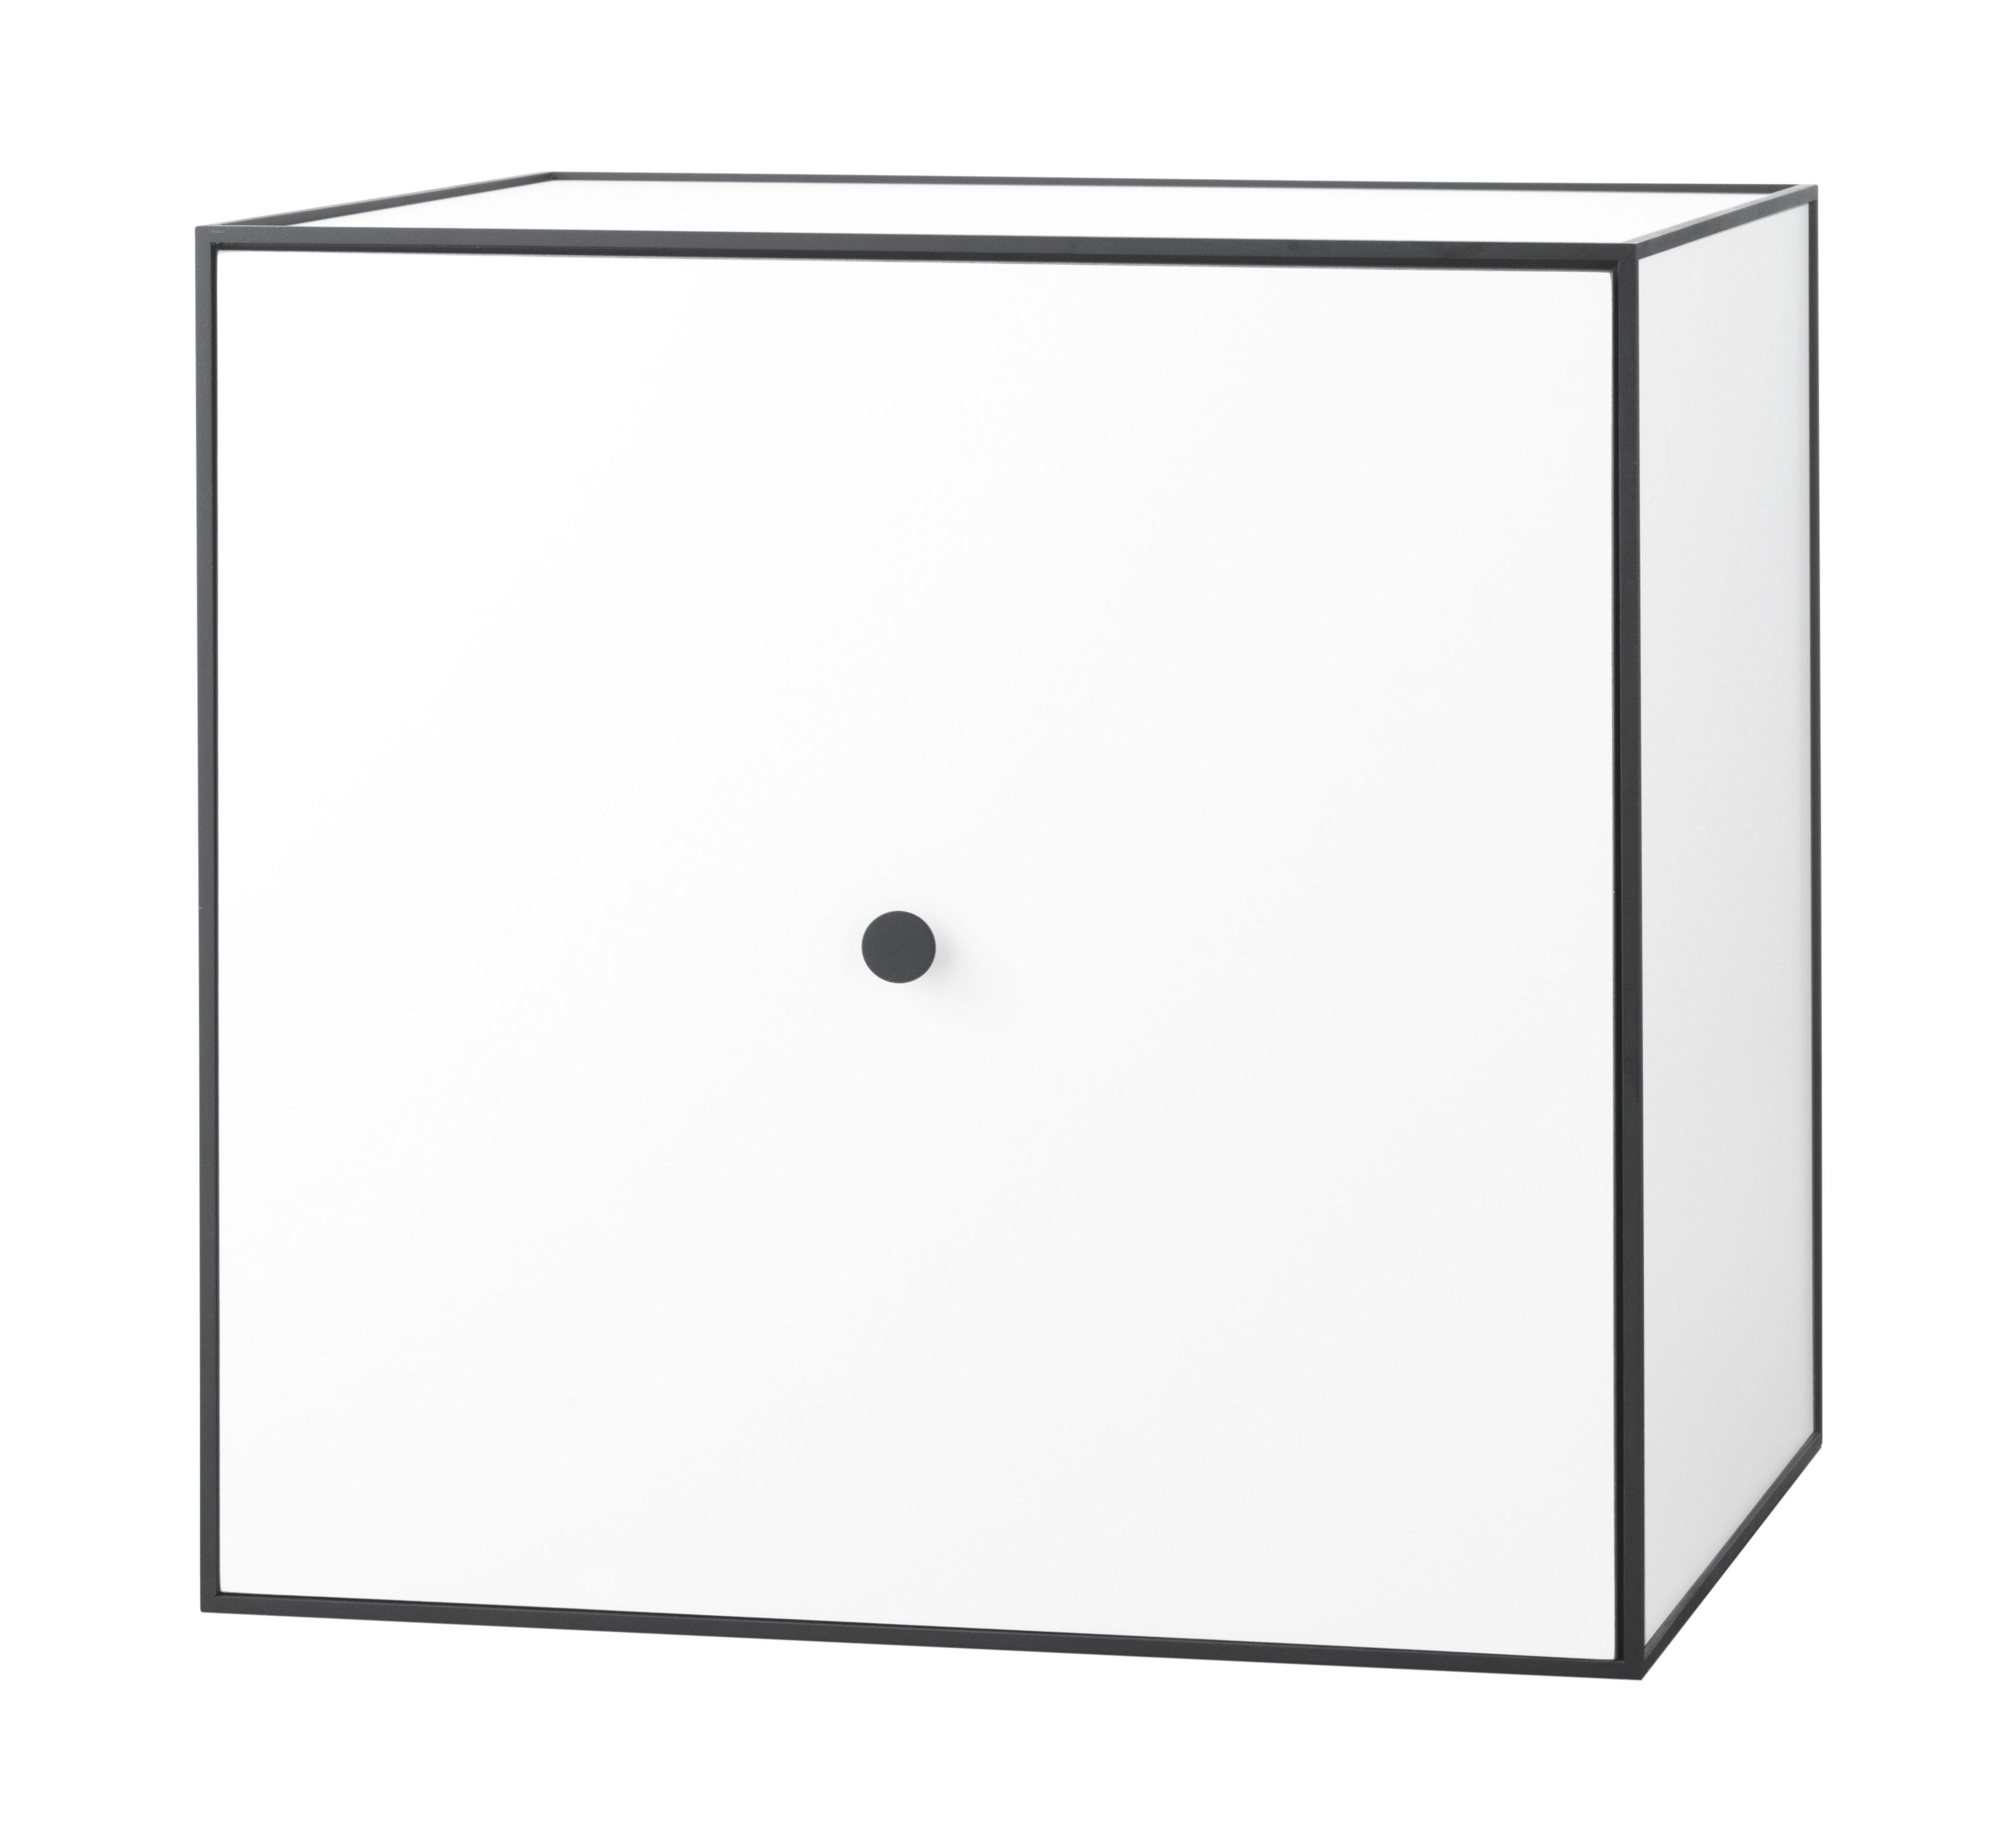 Mobilier - Etagères & bibliothèques - Etagère Frame / Boîte - 49x49 cm - by Lassen - Blanc - Mélamine, Métal laqué époxy